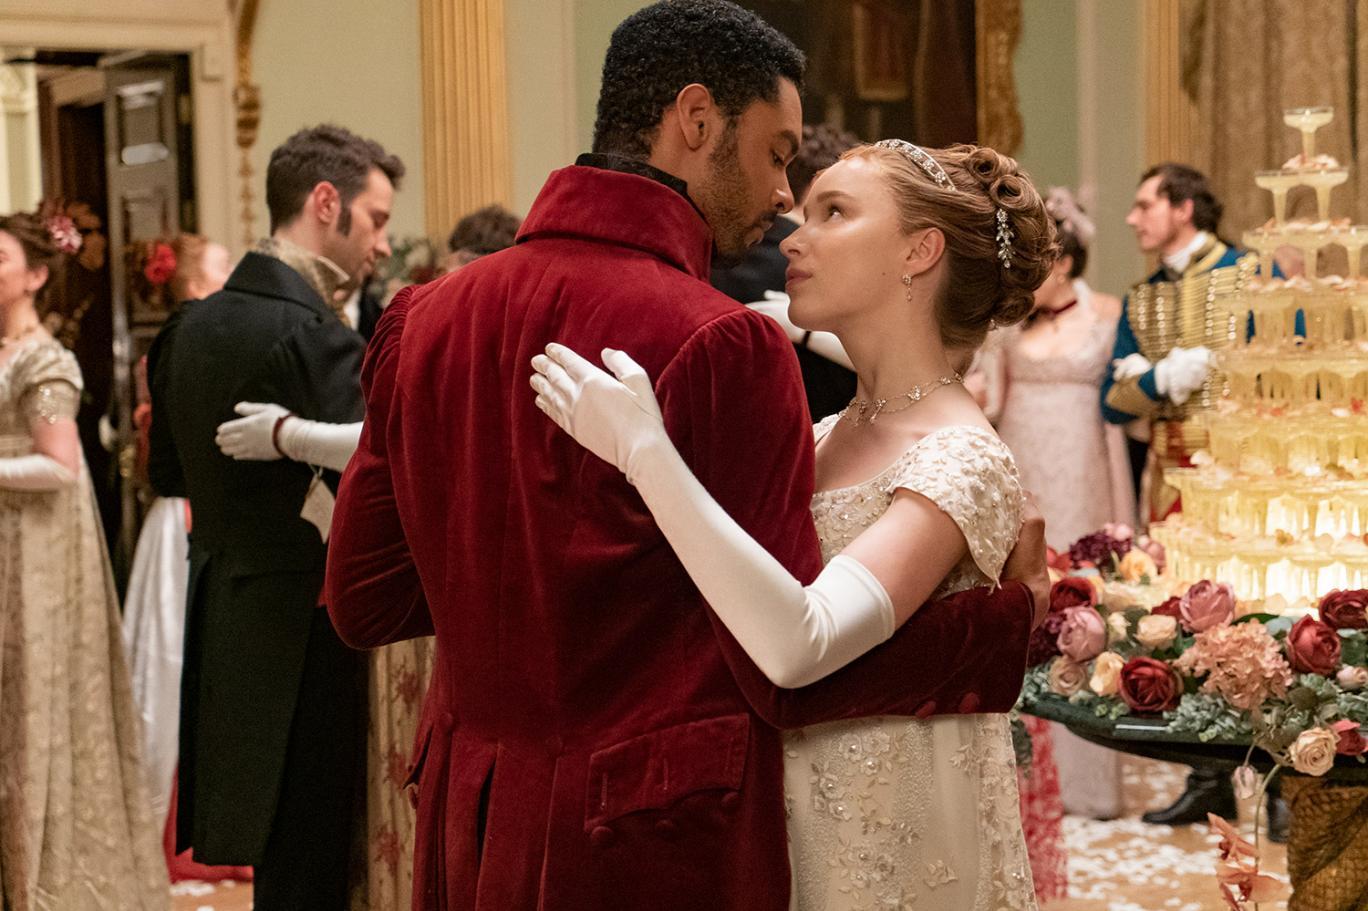 Bridgerton'ın yazarı, dizinin nasıl ortaya çıktığını anlattı | Independent Türkçe